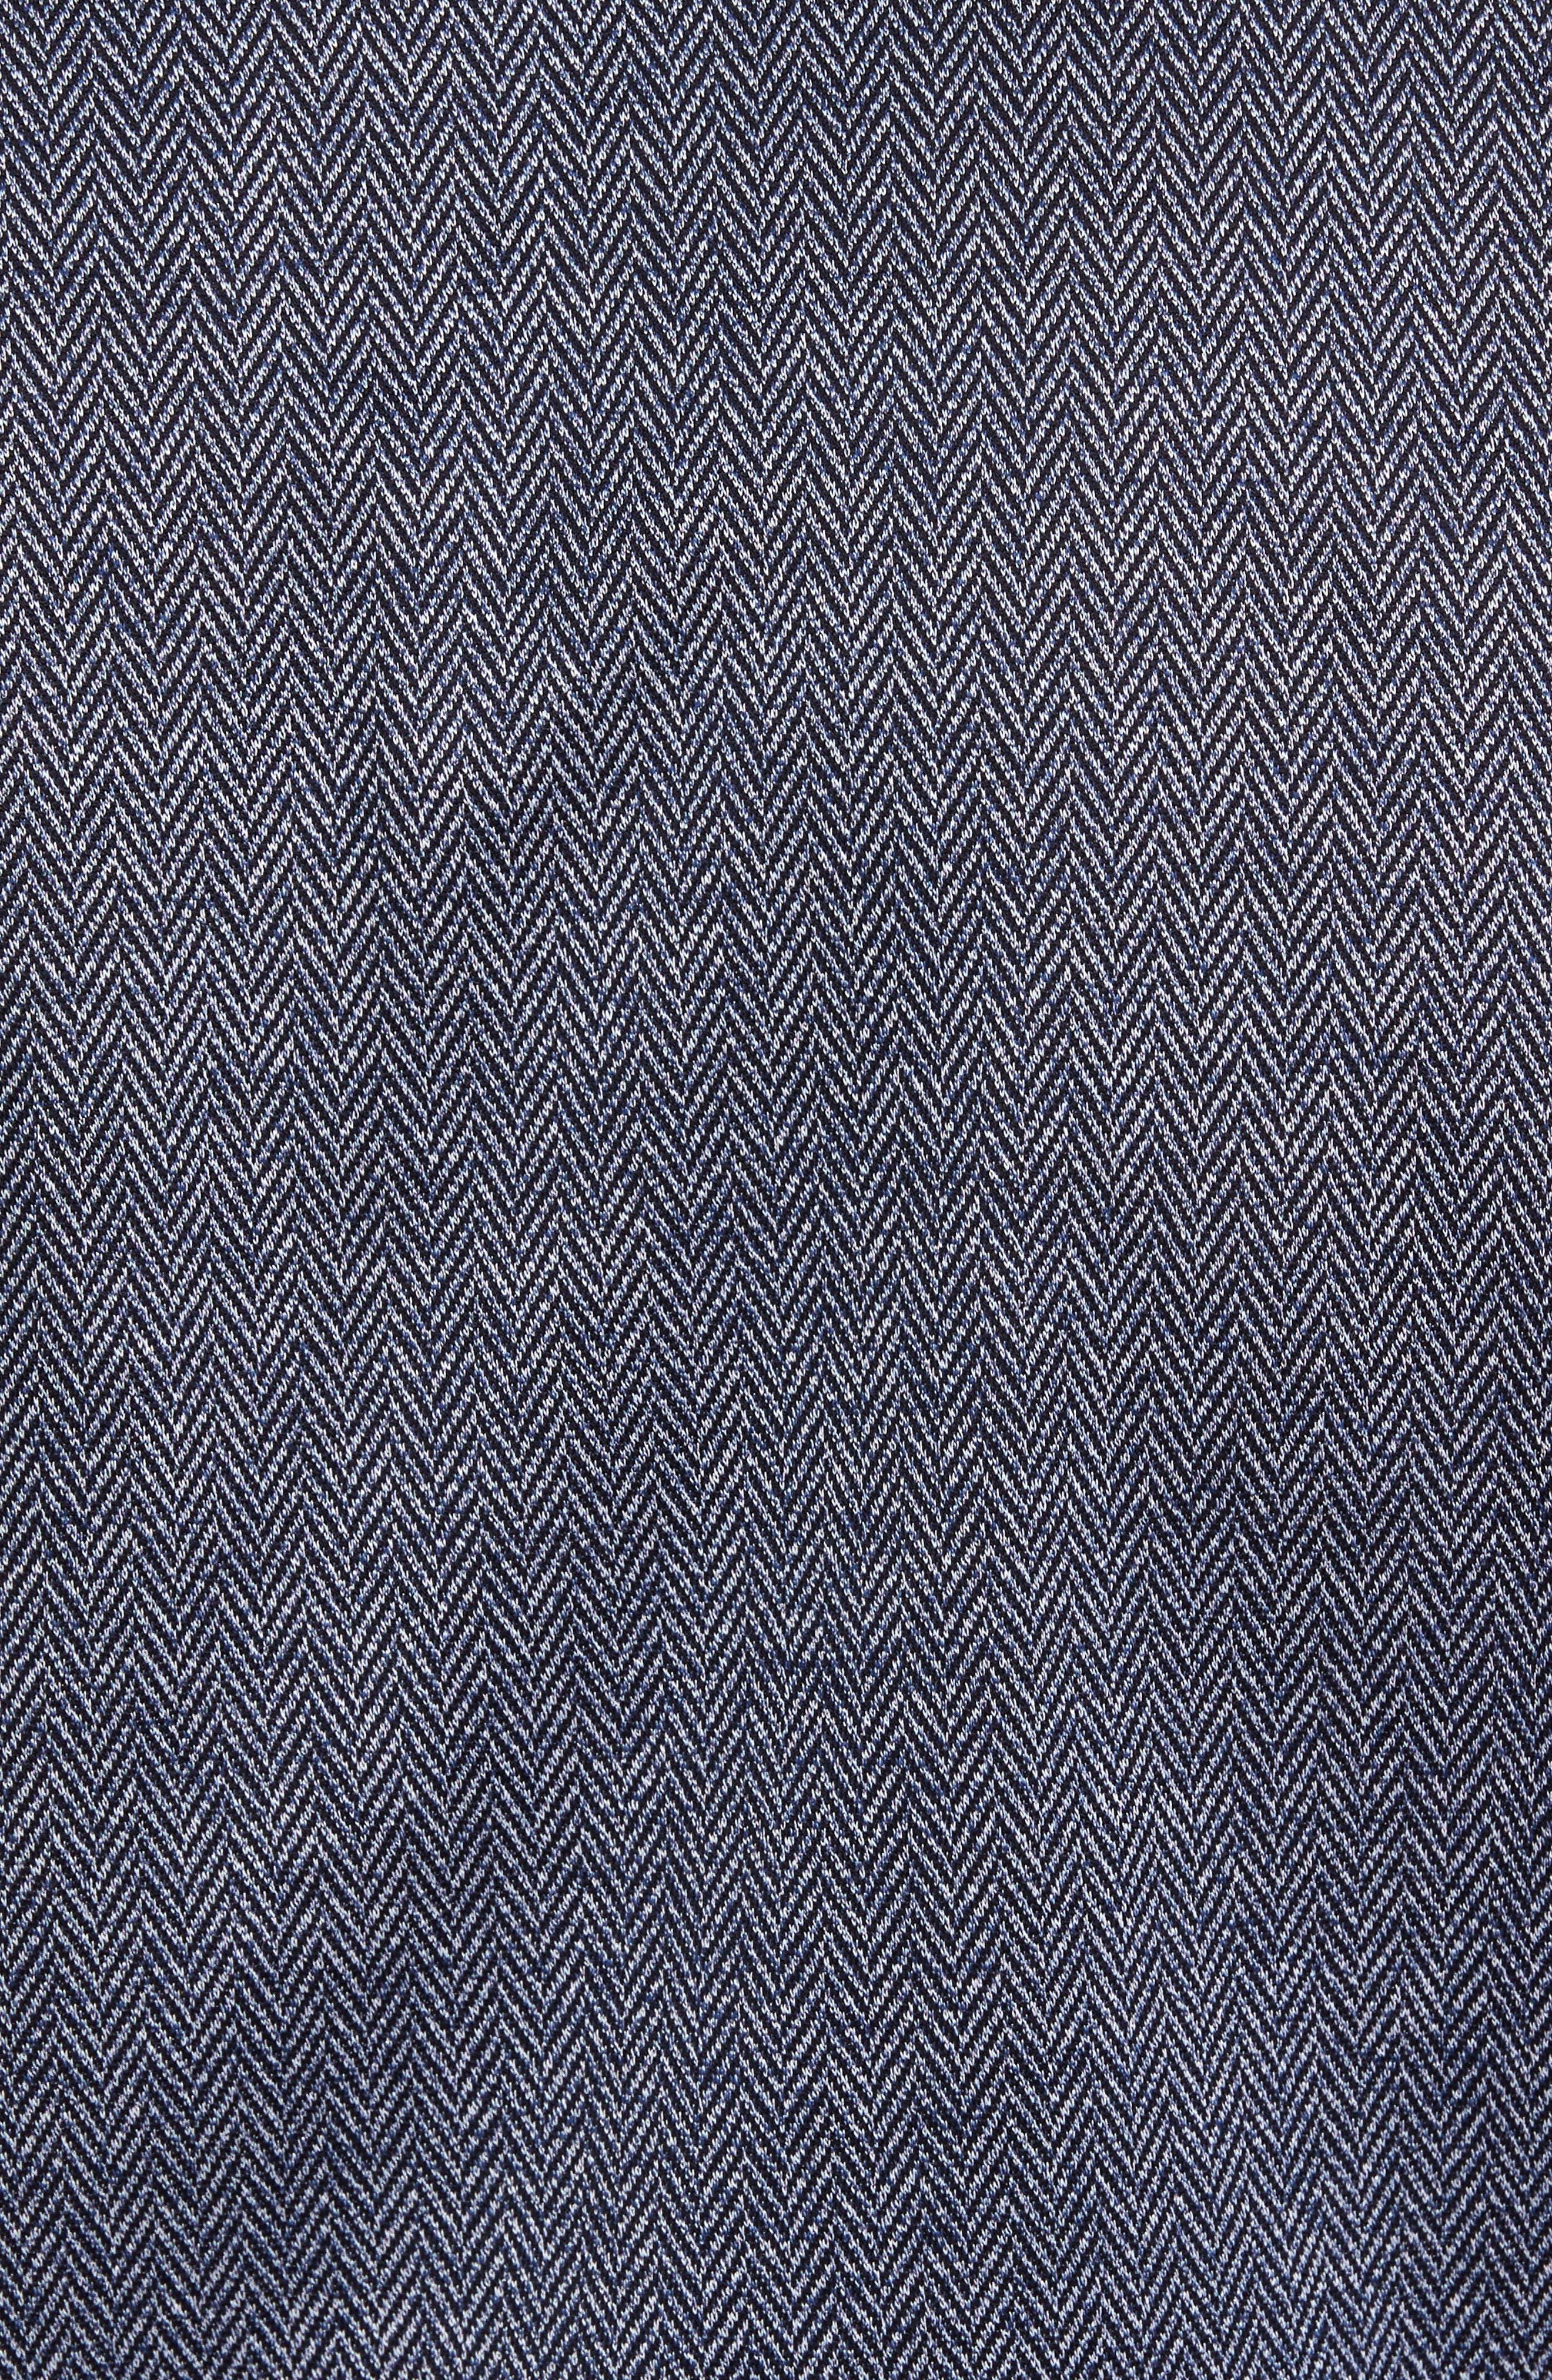 Paul&Shark Herringbone Sport Shirt,                             Alternate thumbnail 5, color,                             400